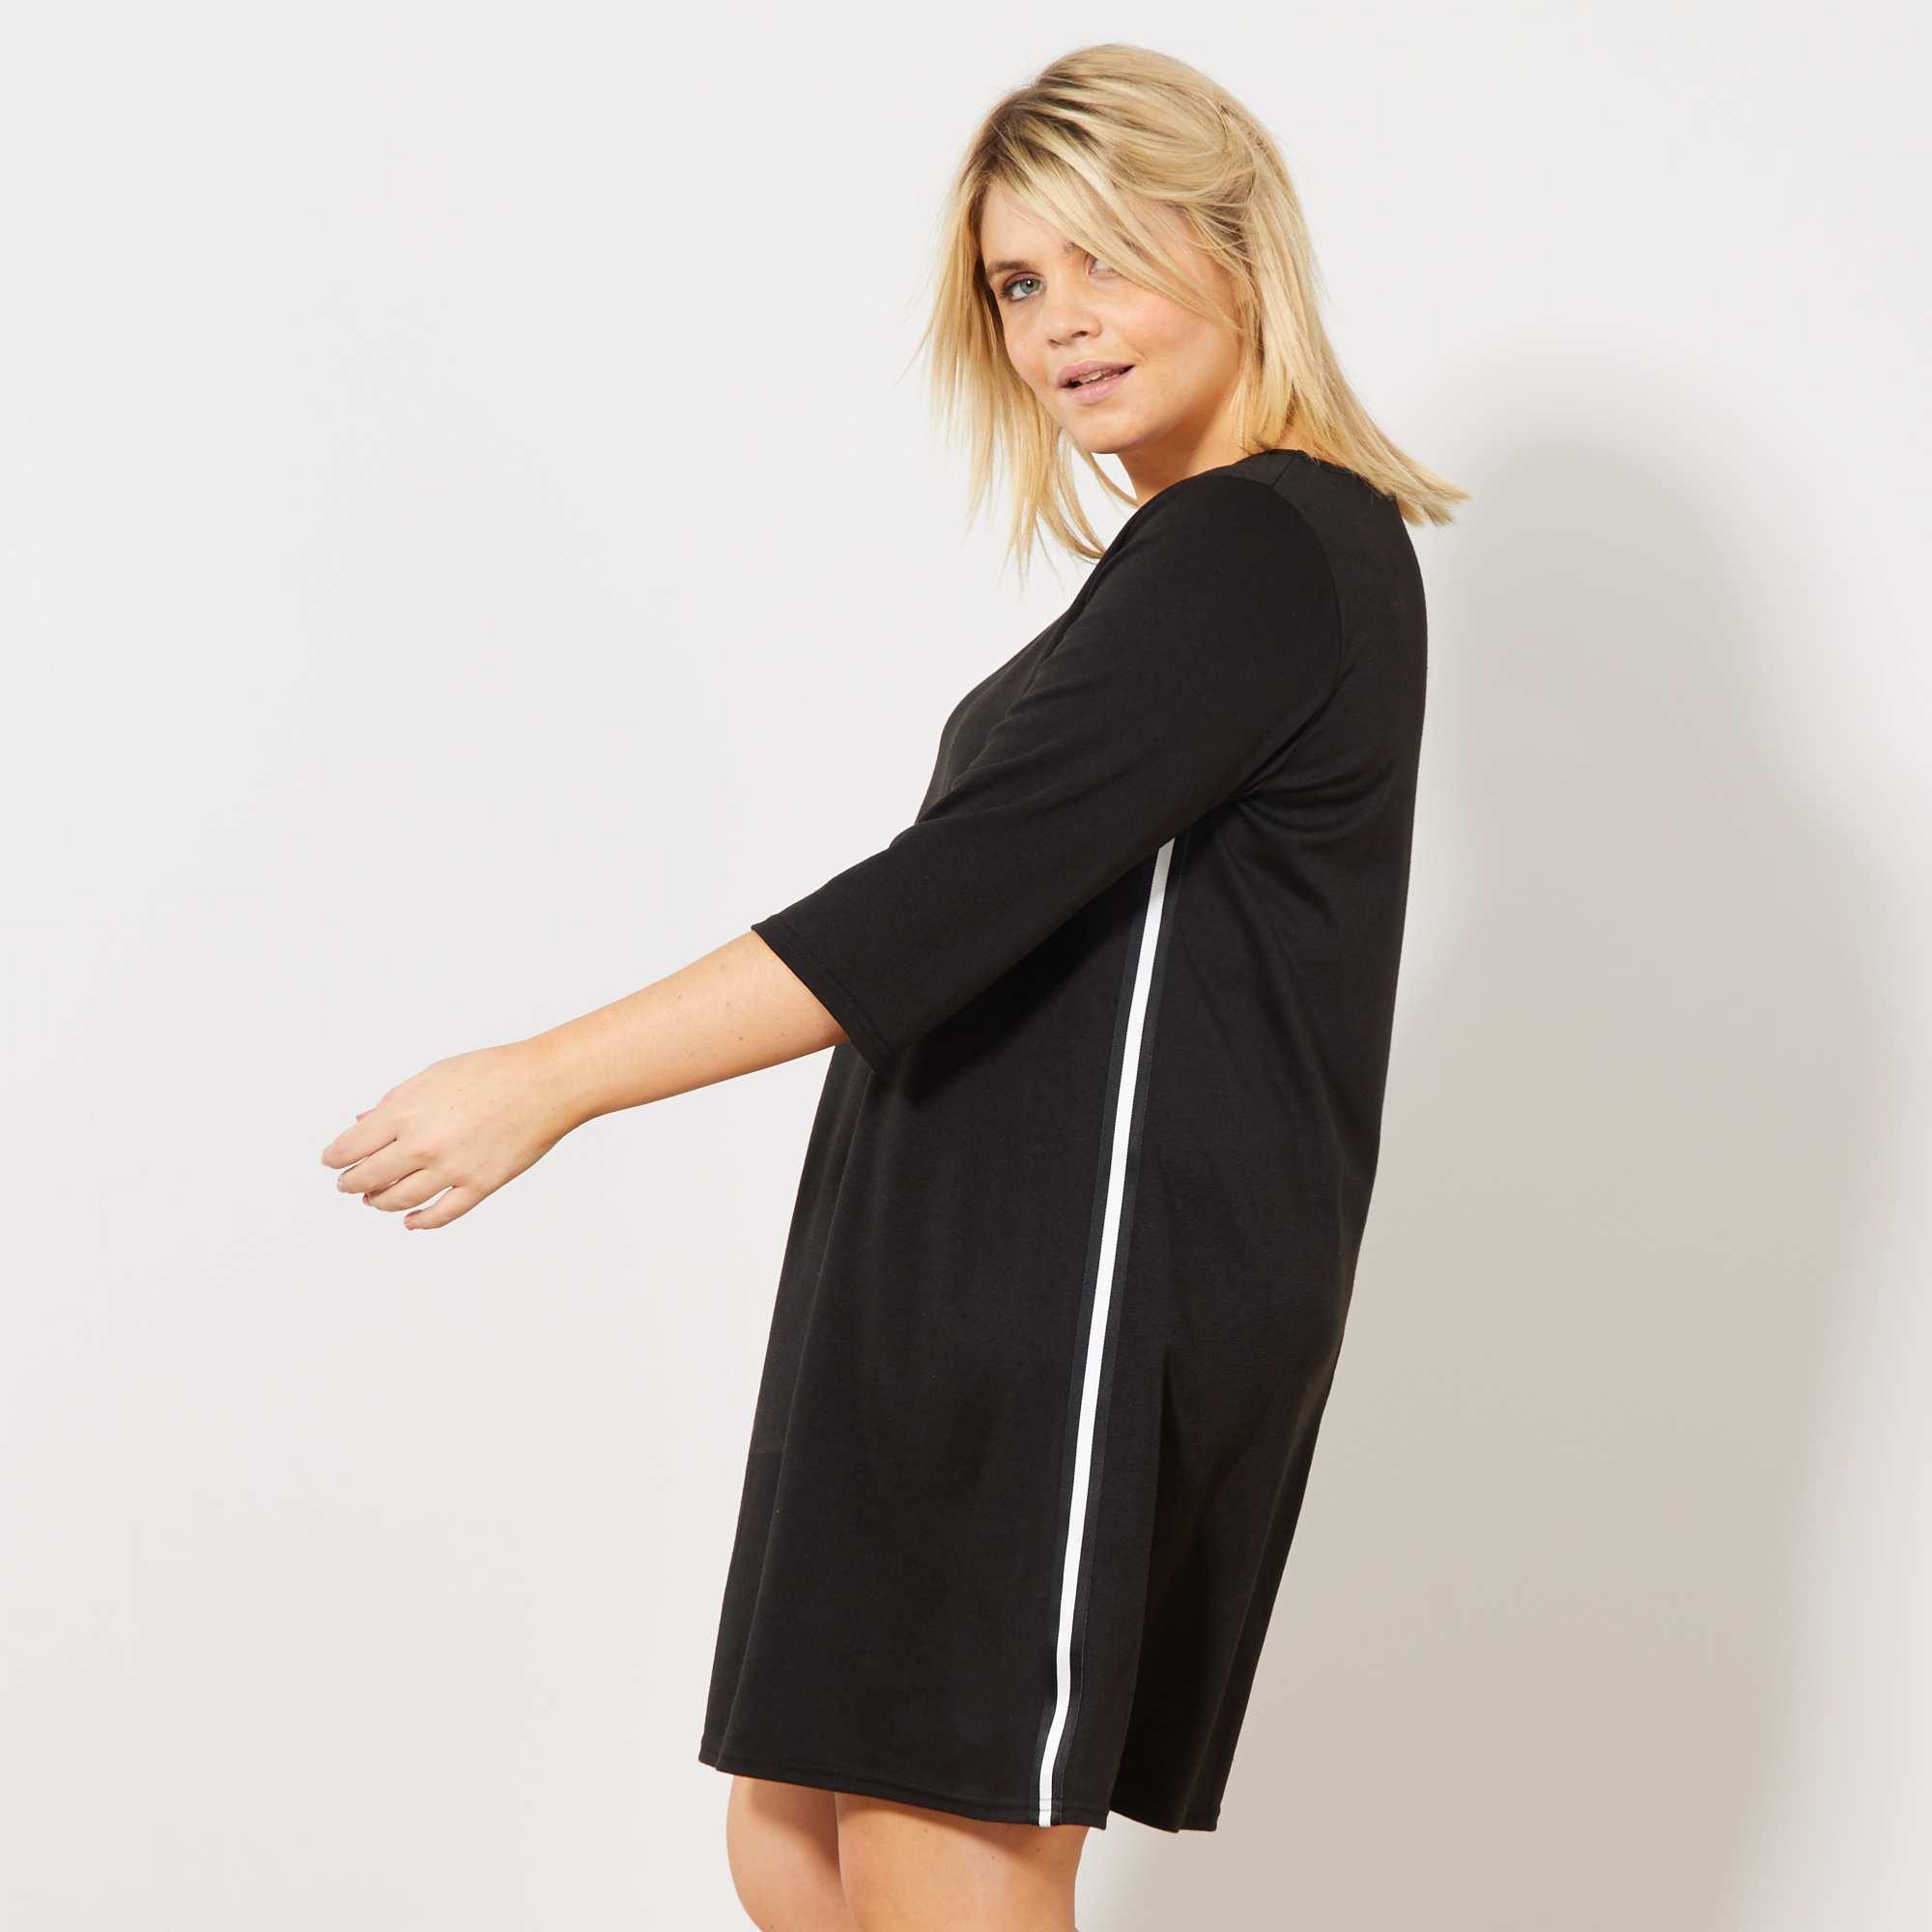 e5447b4dccc Robe noire avec bandes sur les côtés noir blanc Grande taille femme.  Loading zoom